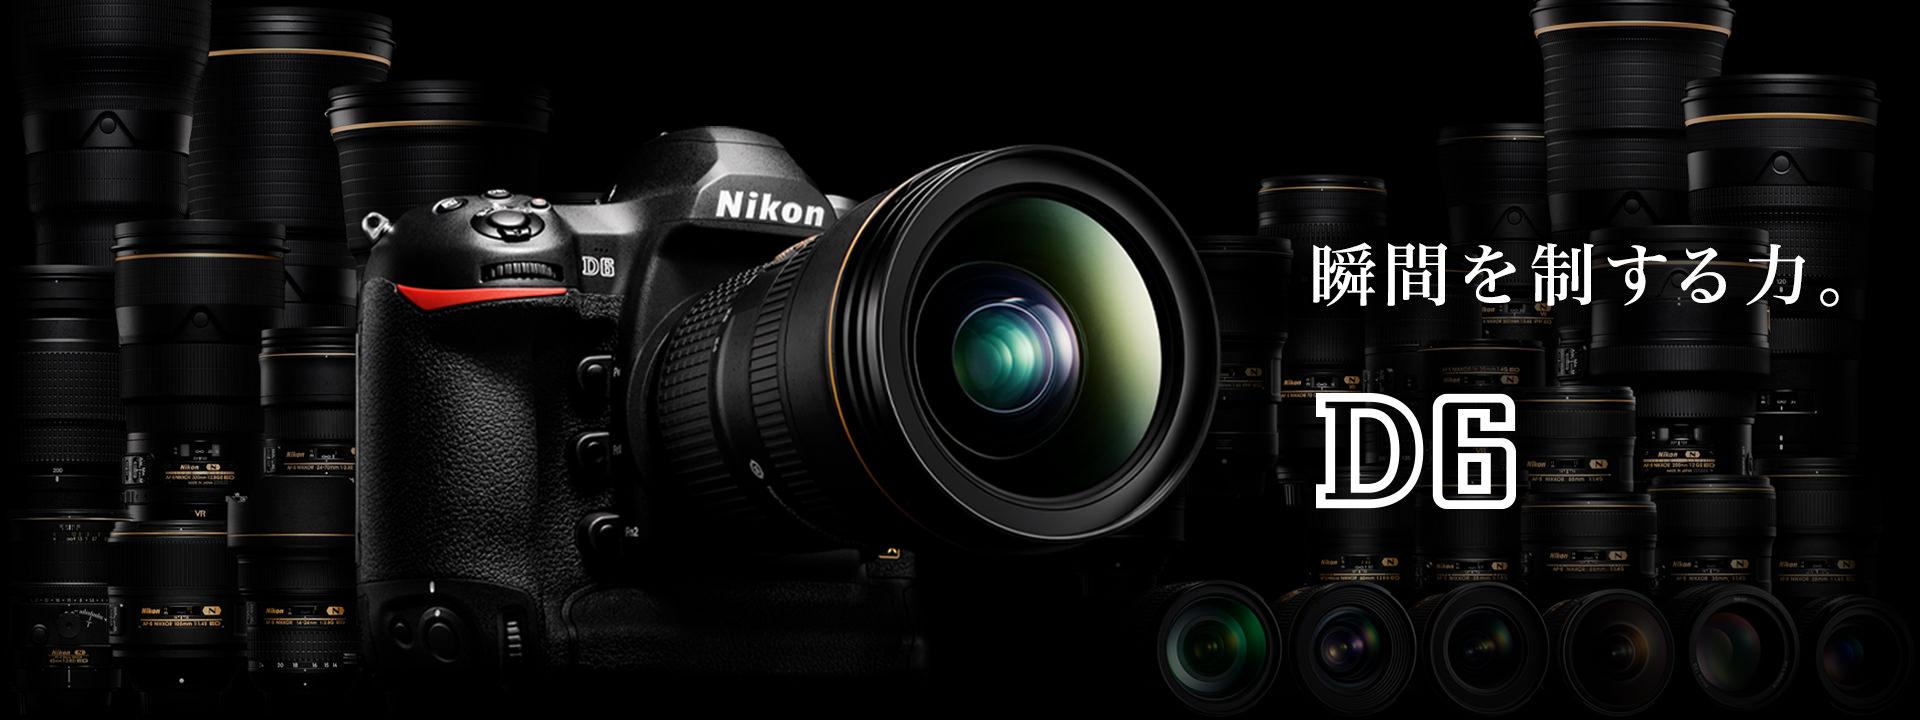 尼康史上最强AF性能单反数码相机D6发布